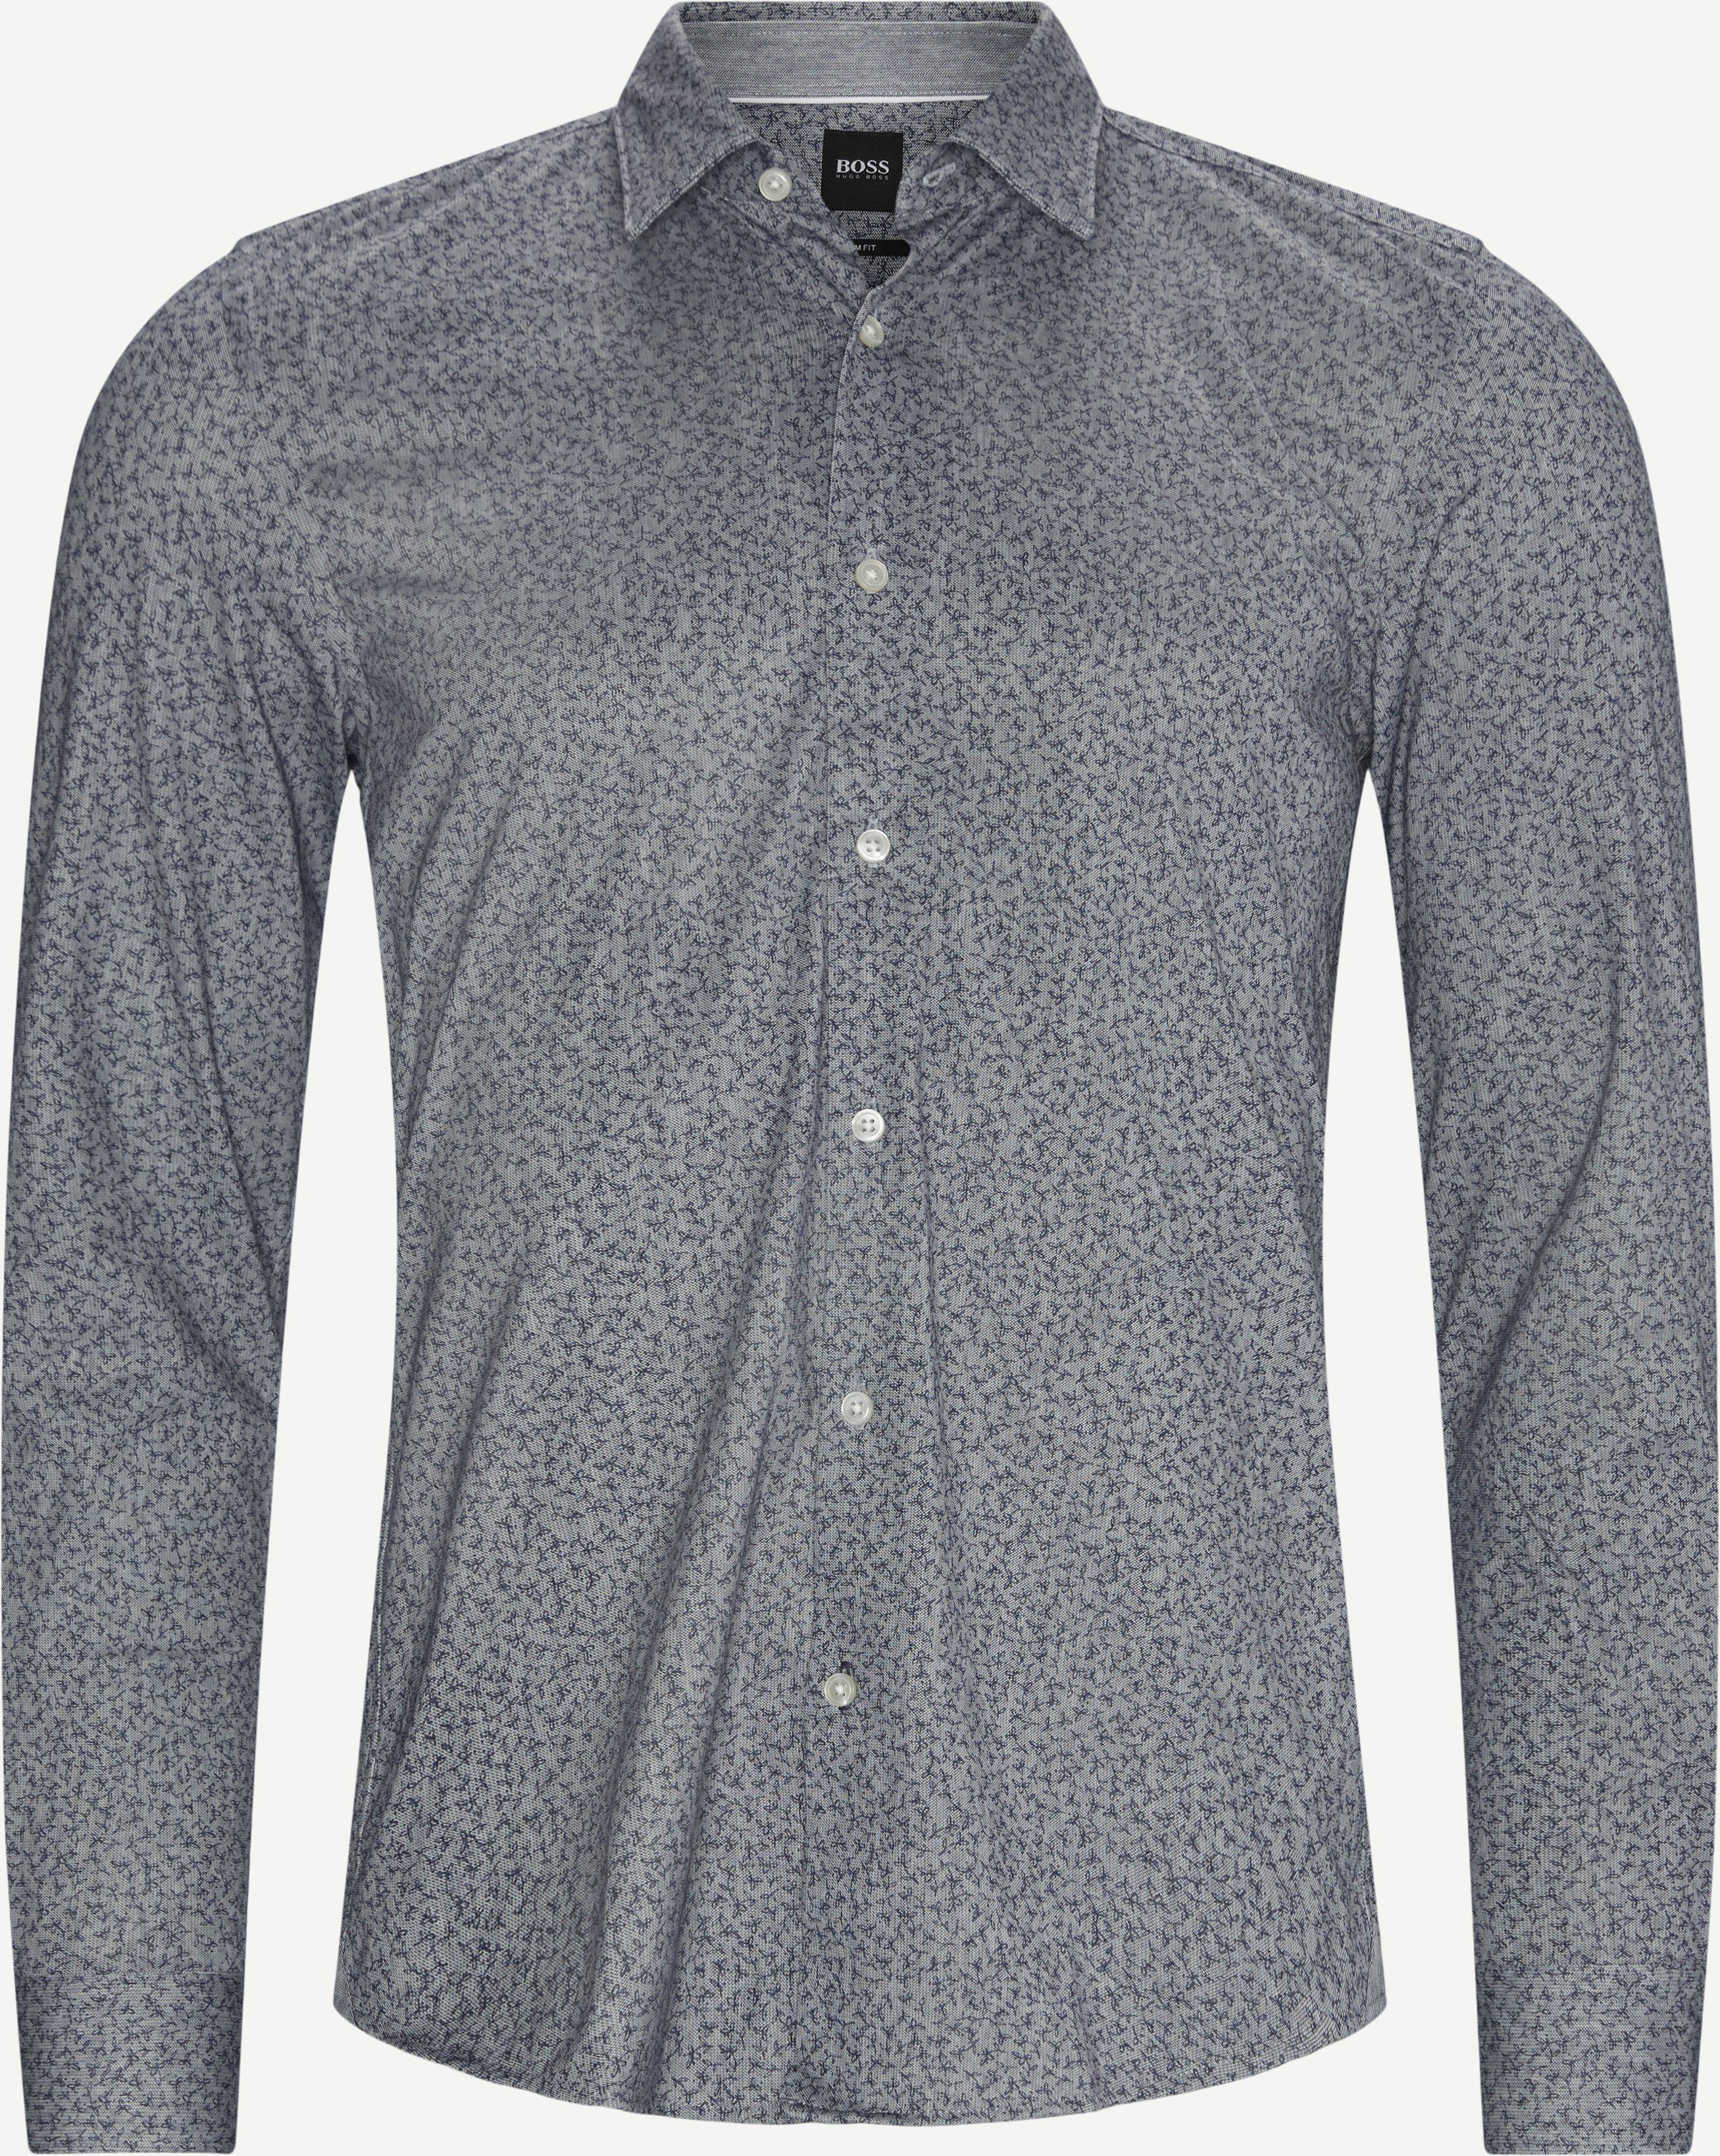 Ronni Skjorte - Skjortor - Slim - Blå